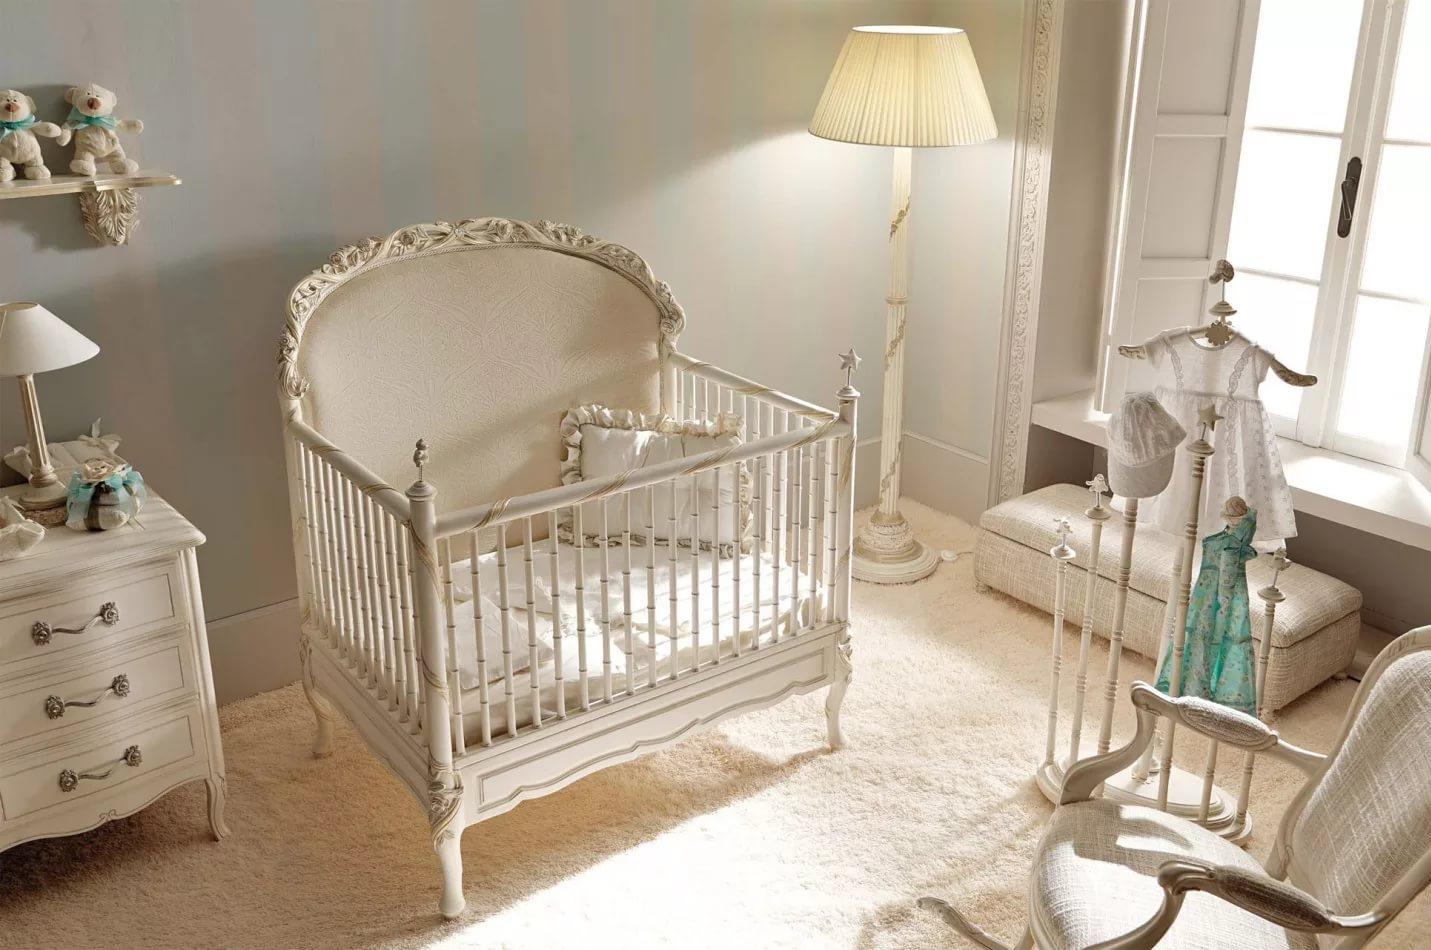 dc939b9fc Для производства детских кроваток в Италии используют массив твердых пород  дерева: дуба, бука и ольхи; это позволяет сделать изделие экологически  чистым и ...